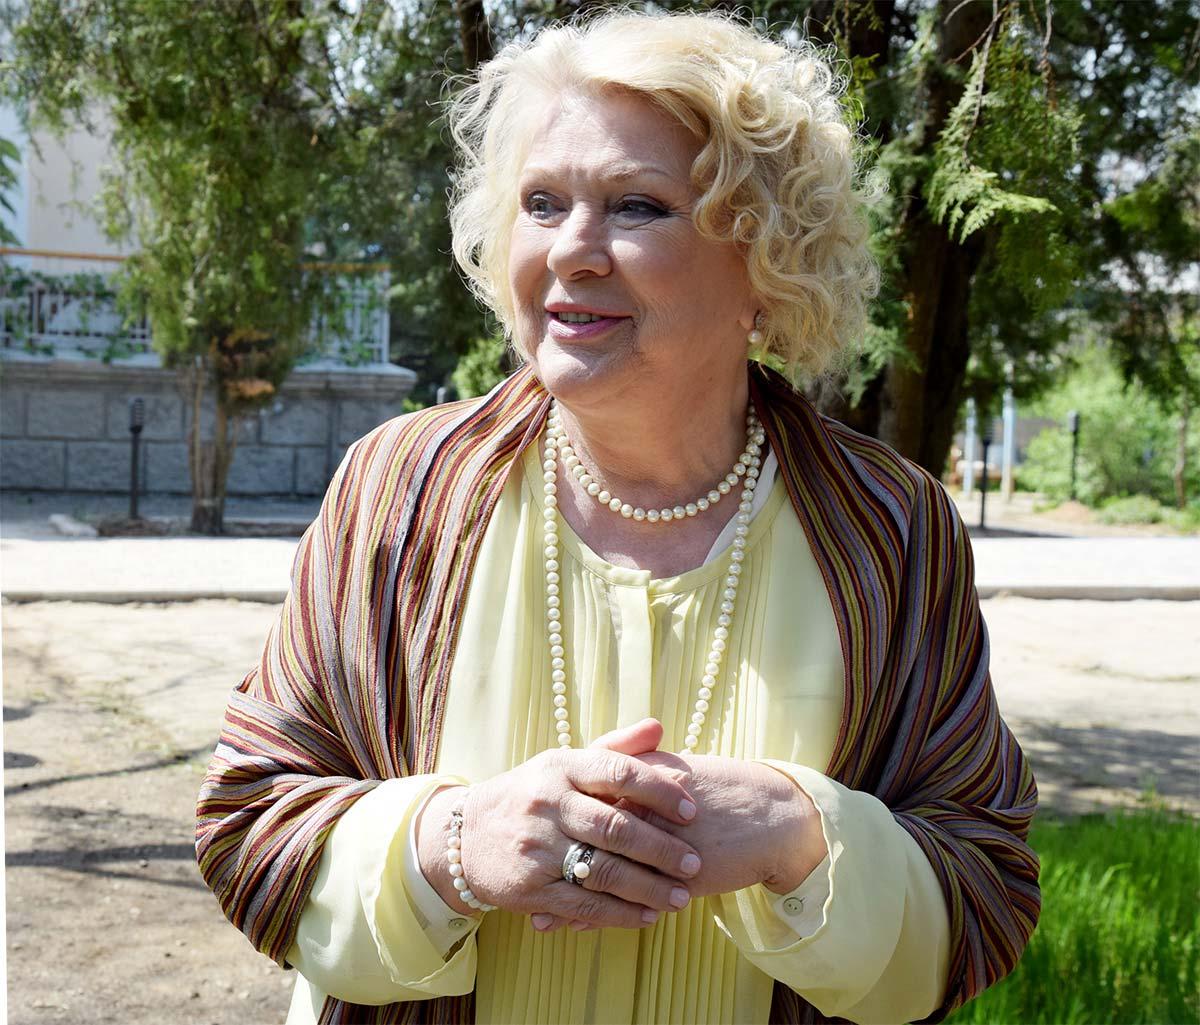 Галина Польских. Биография и личная жизнь актрисы. Фото